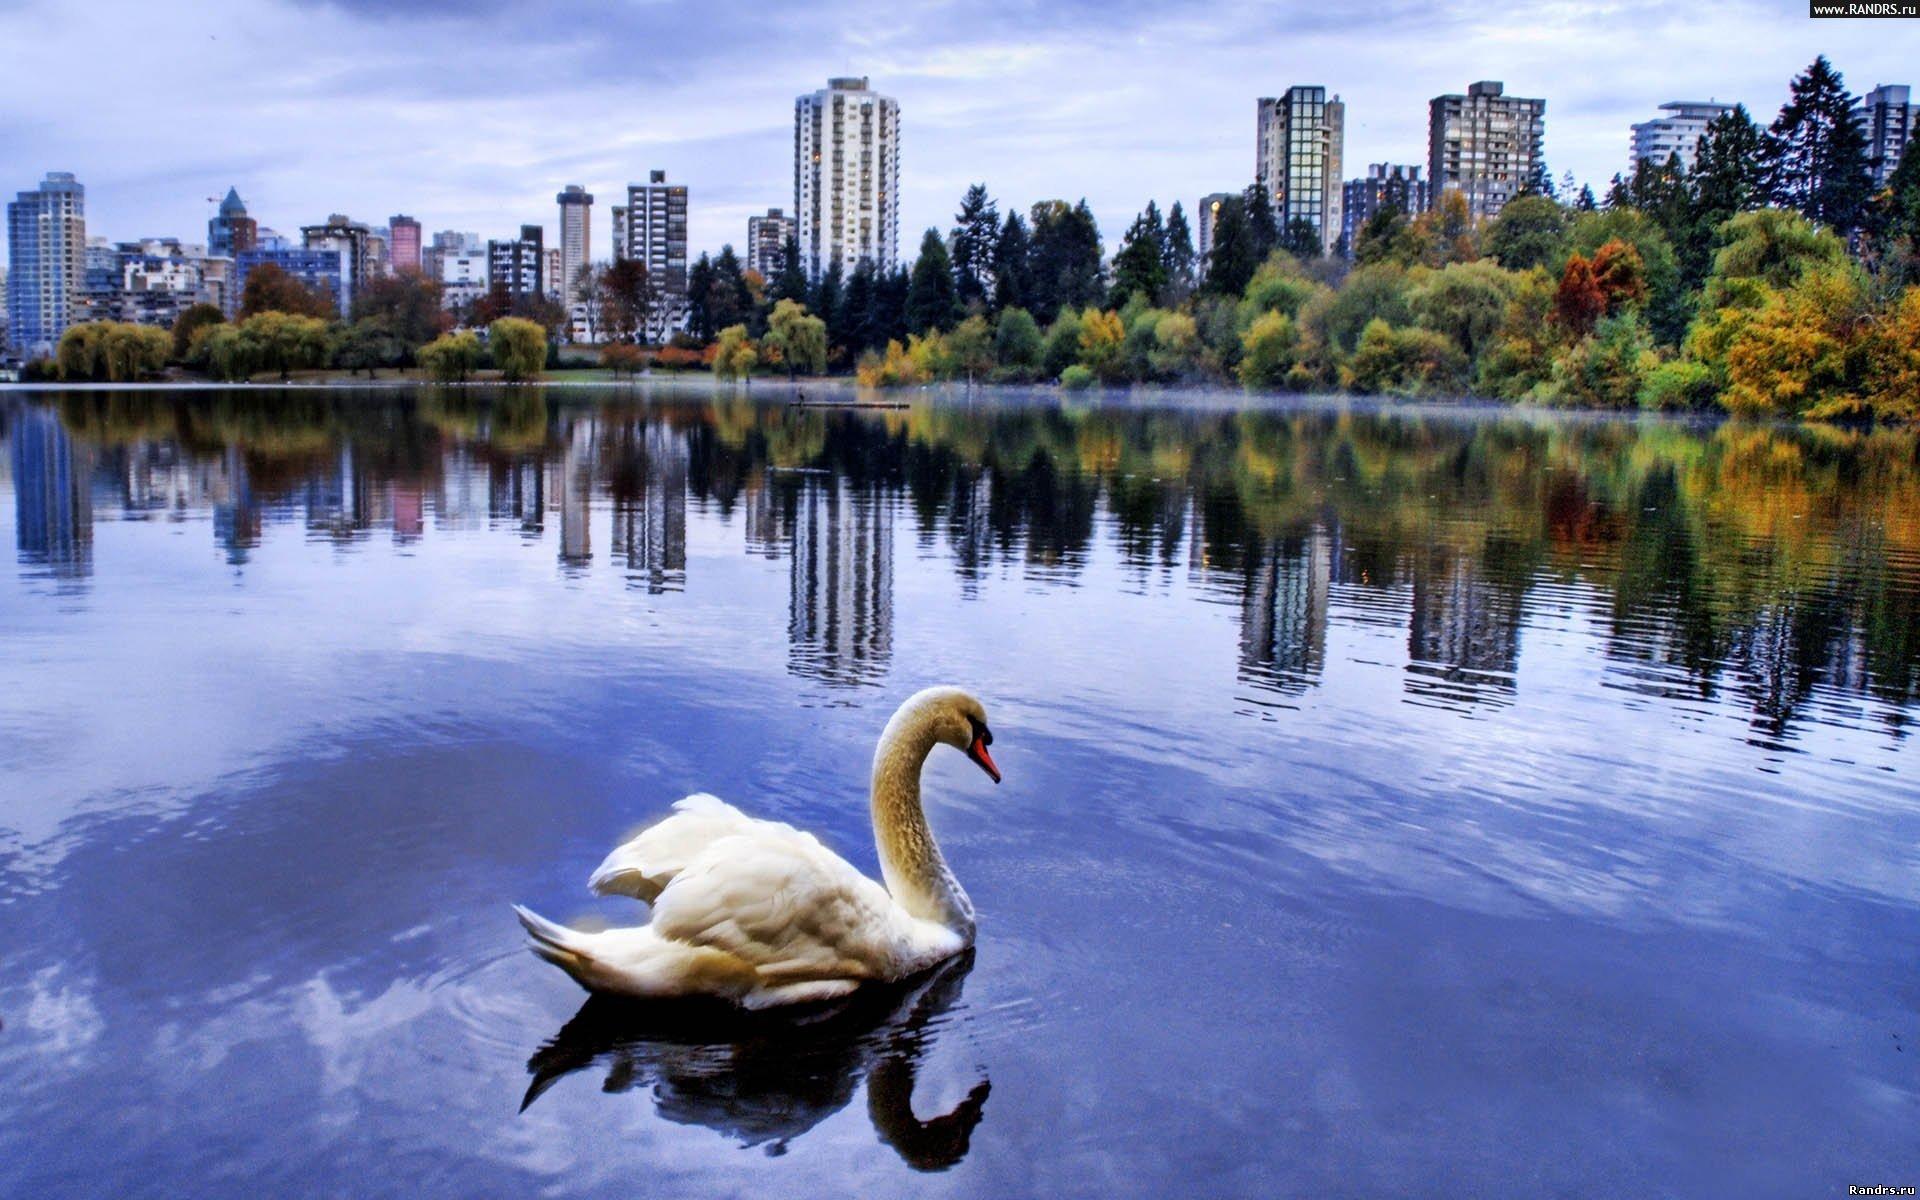 Скачать обои Лебеди на телефон бесплатно